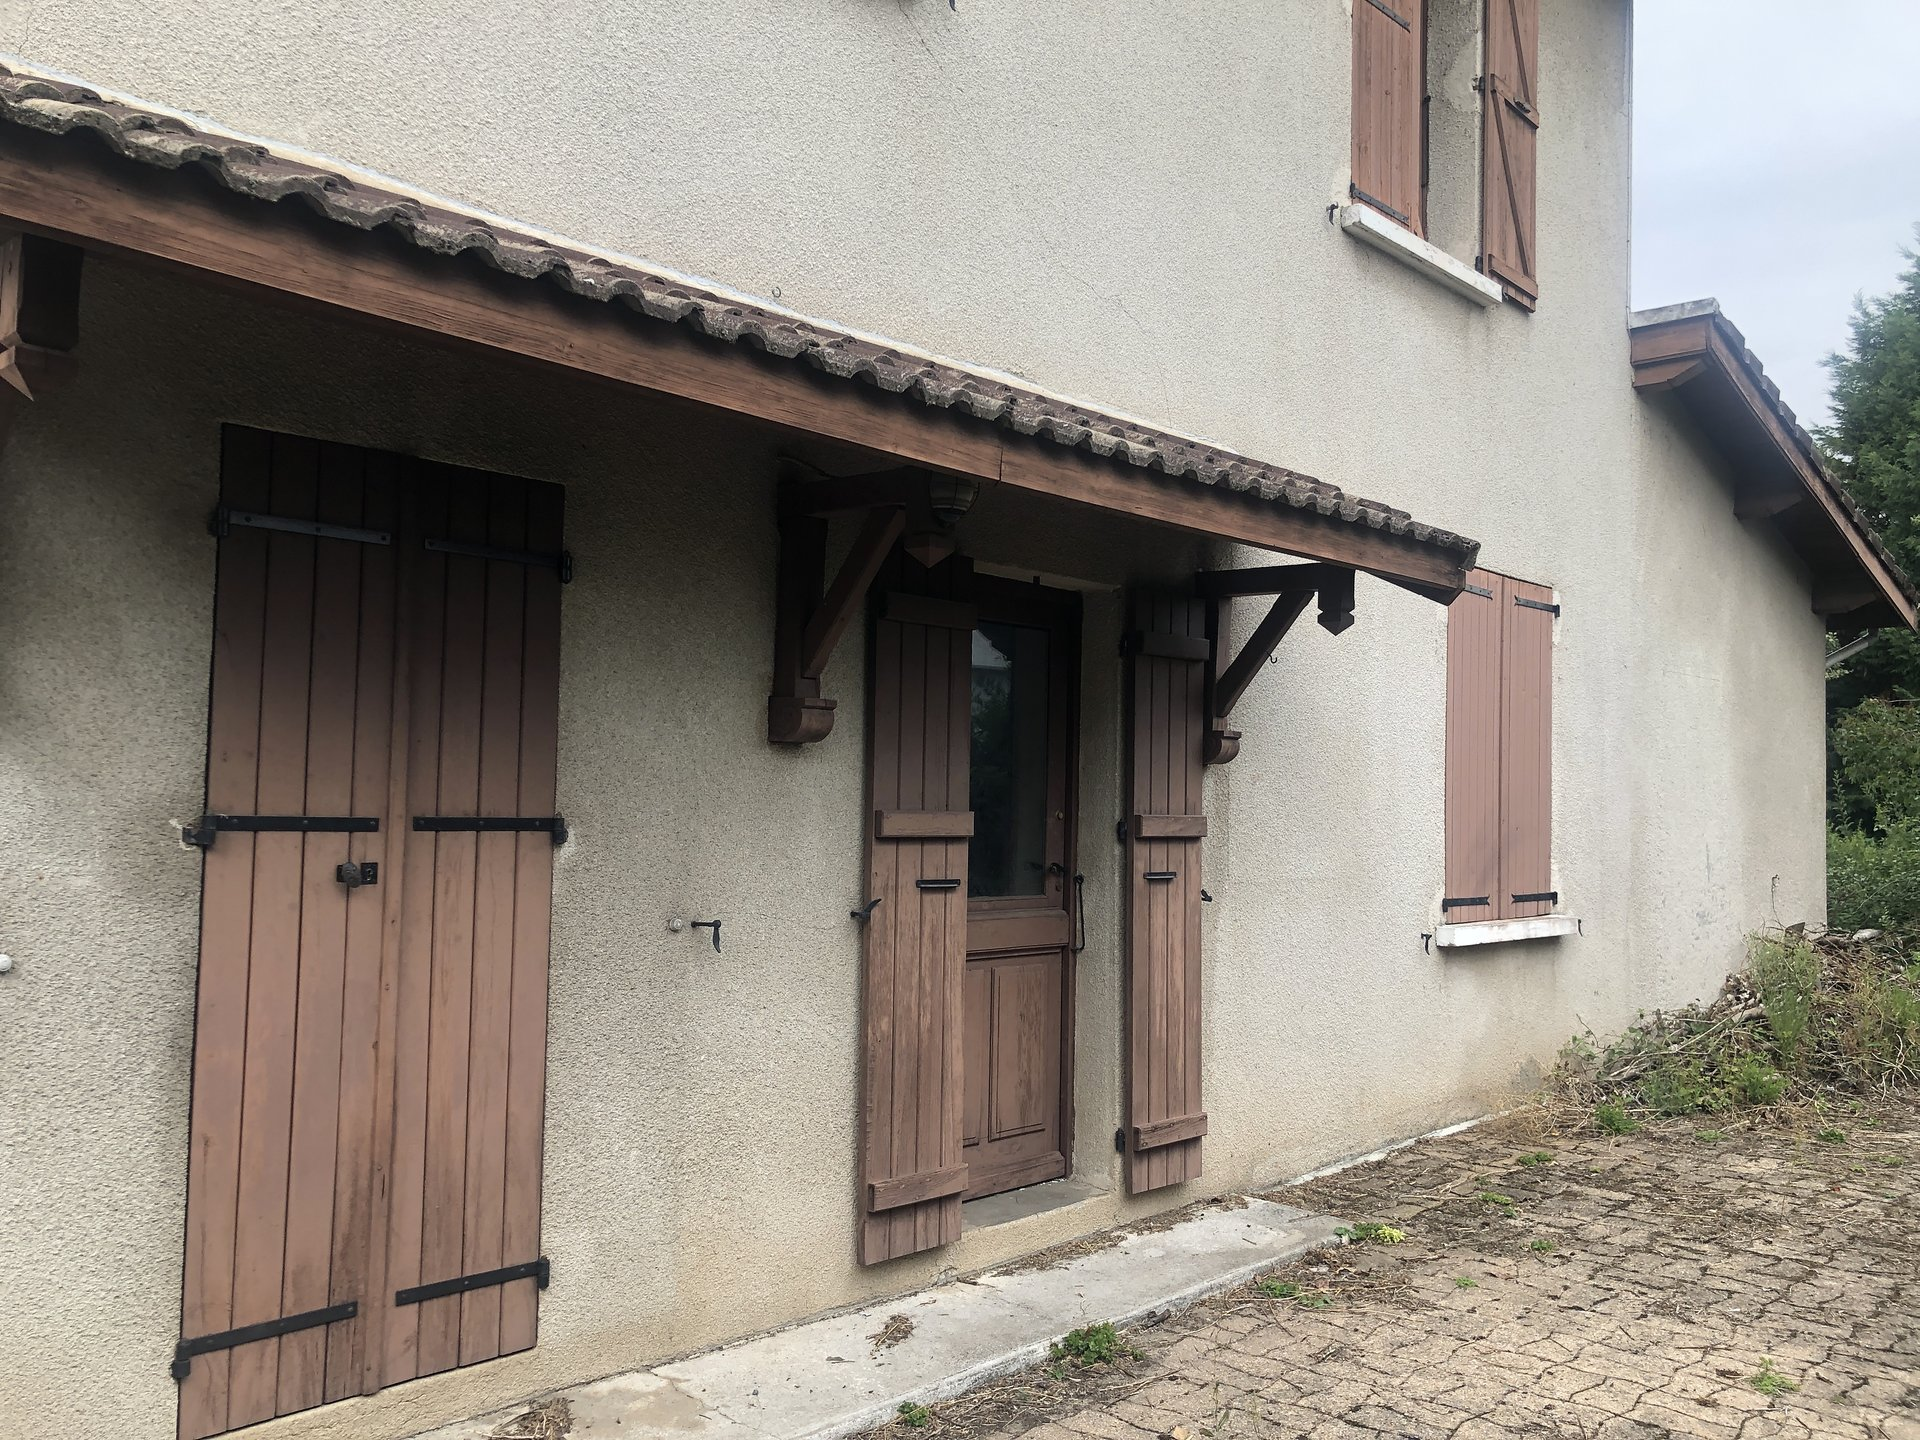 SAINT-ETIENNE VIVARAIZE - Maison de 61 m² sur terrain de 351 m²